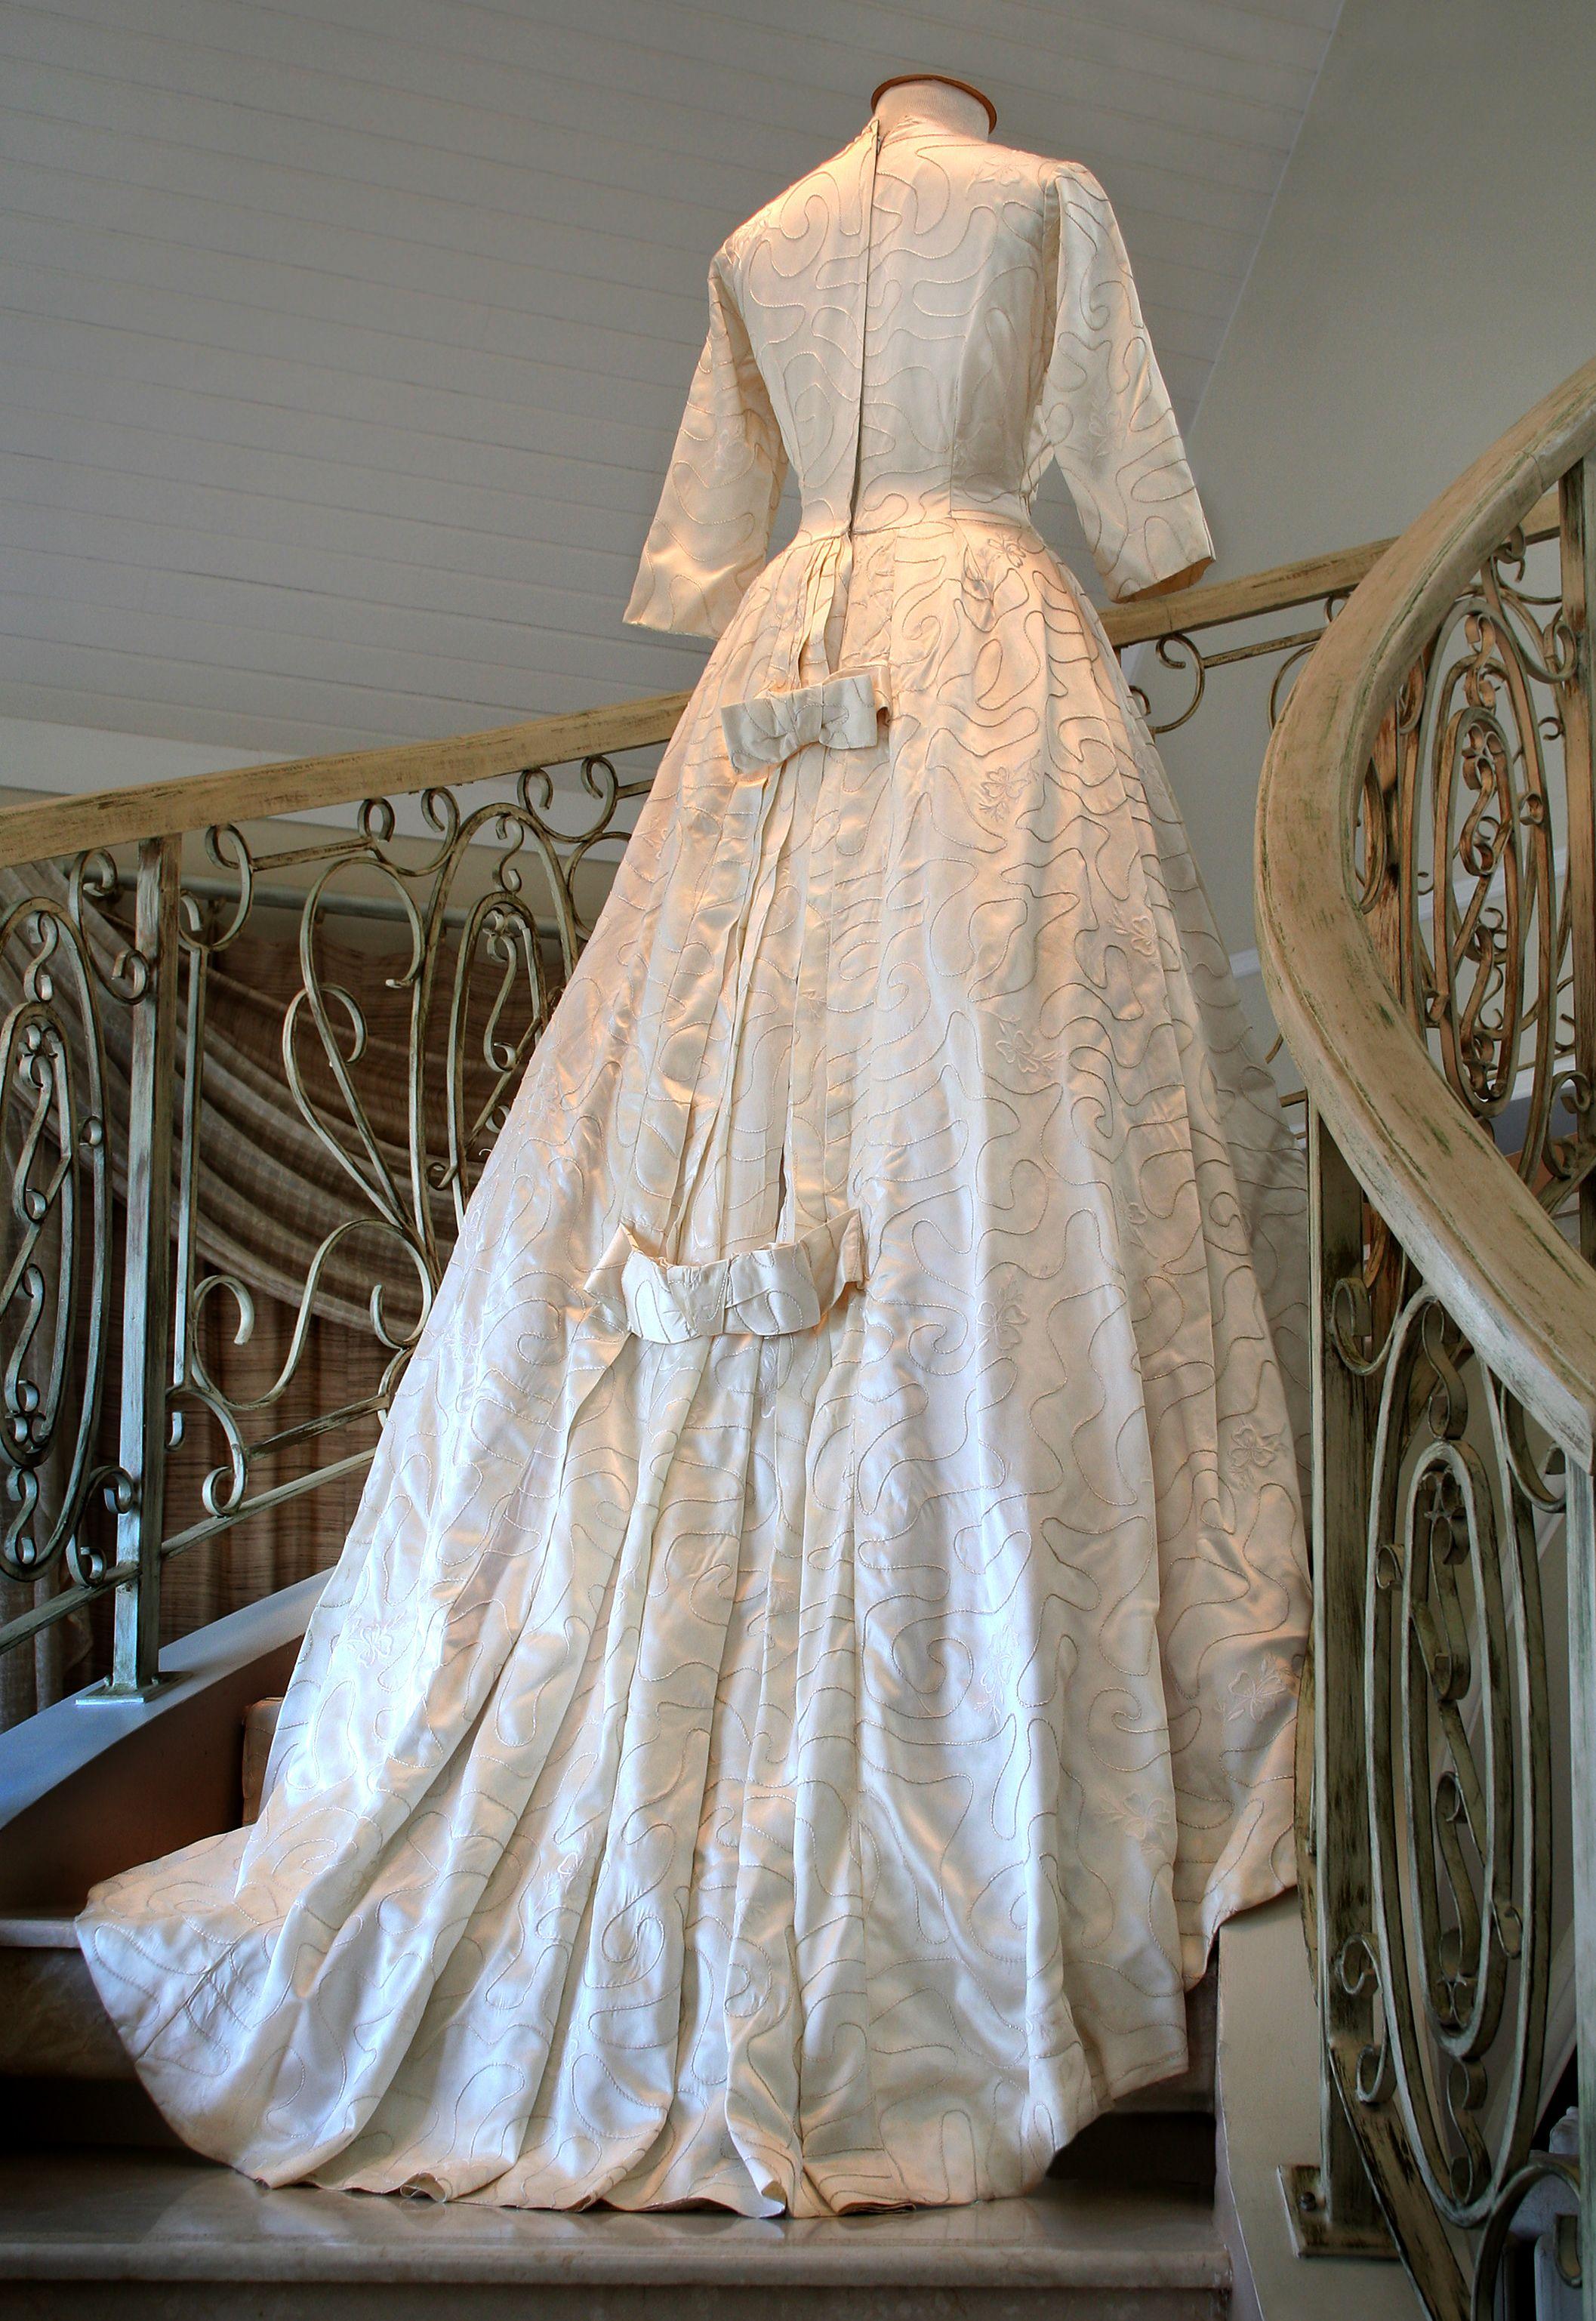 Vestido de Noiva -  1950's  Doação: José Alfredo Beirão Filho   Foto: Joaquim Araújo